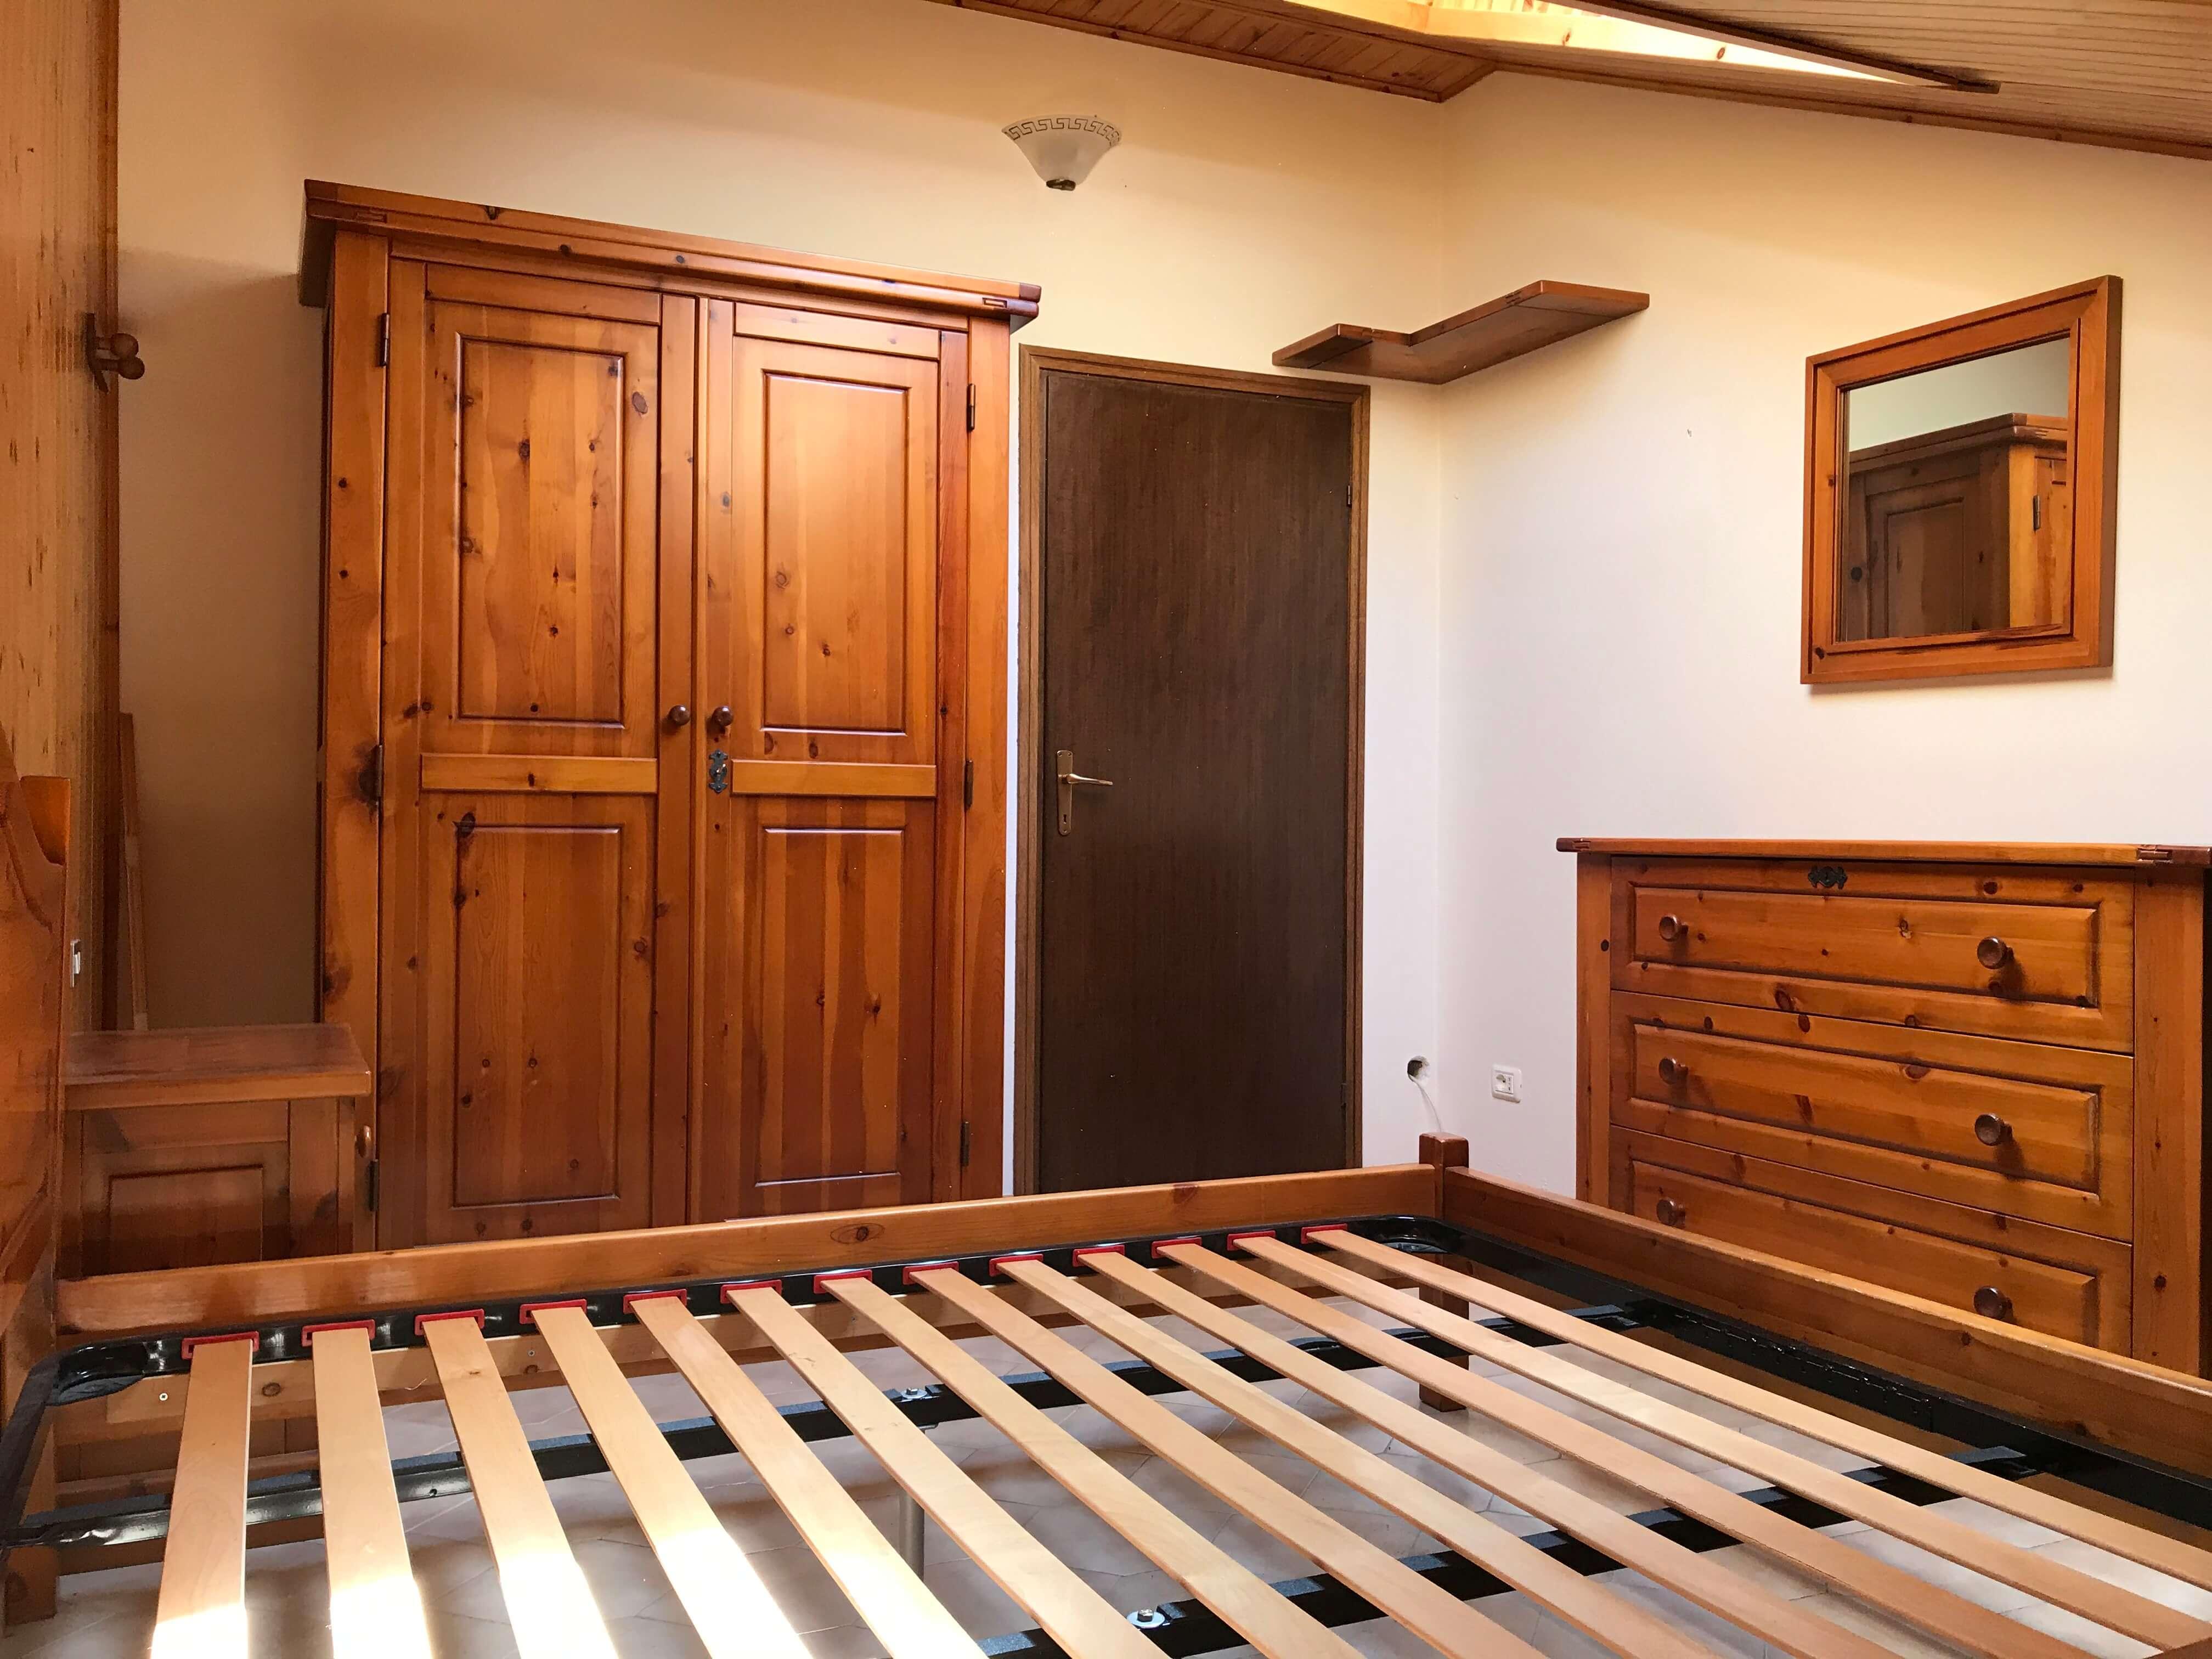 Immobiliare Abita mansarda bilocale in vendita - camera 4 posti letto